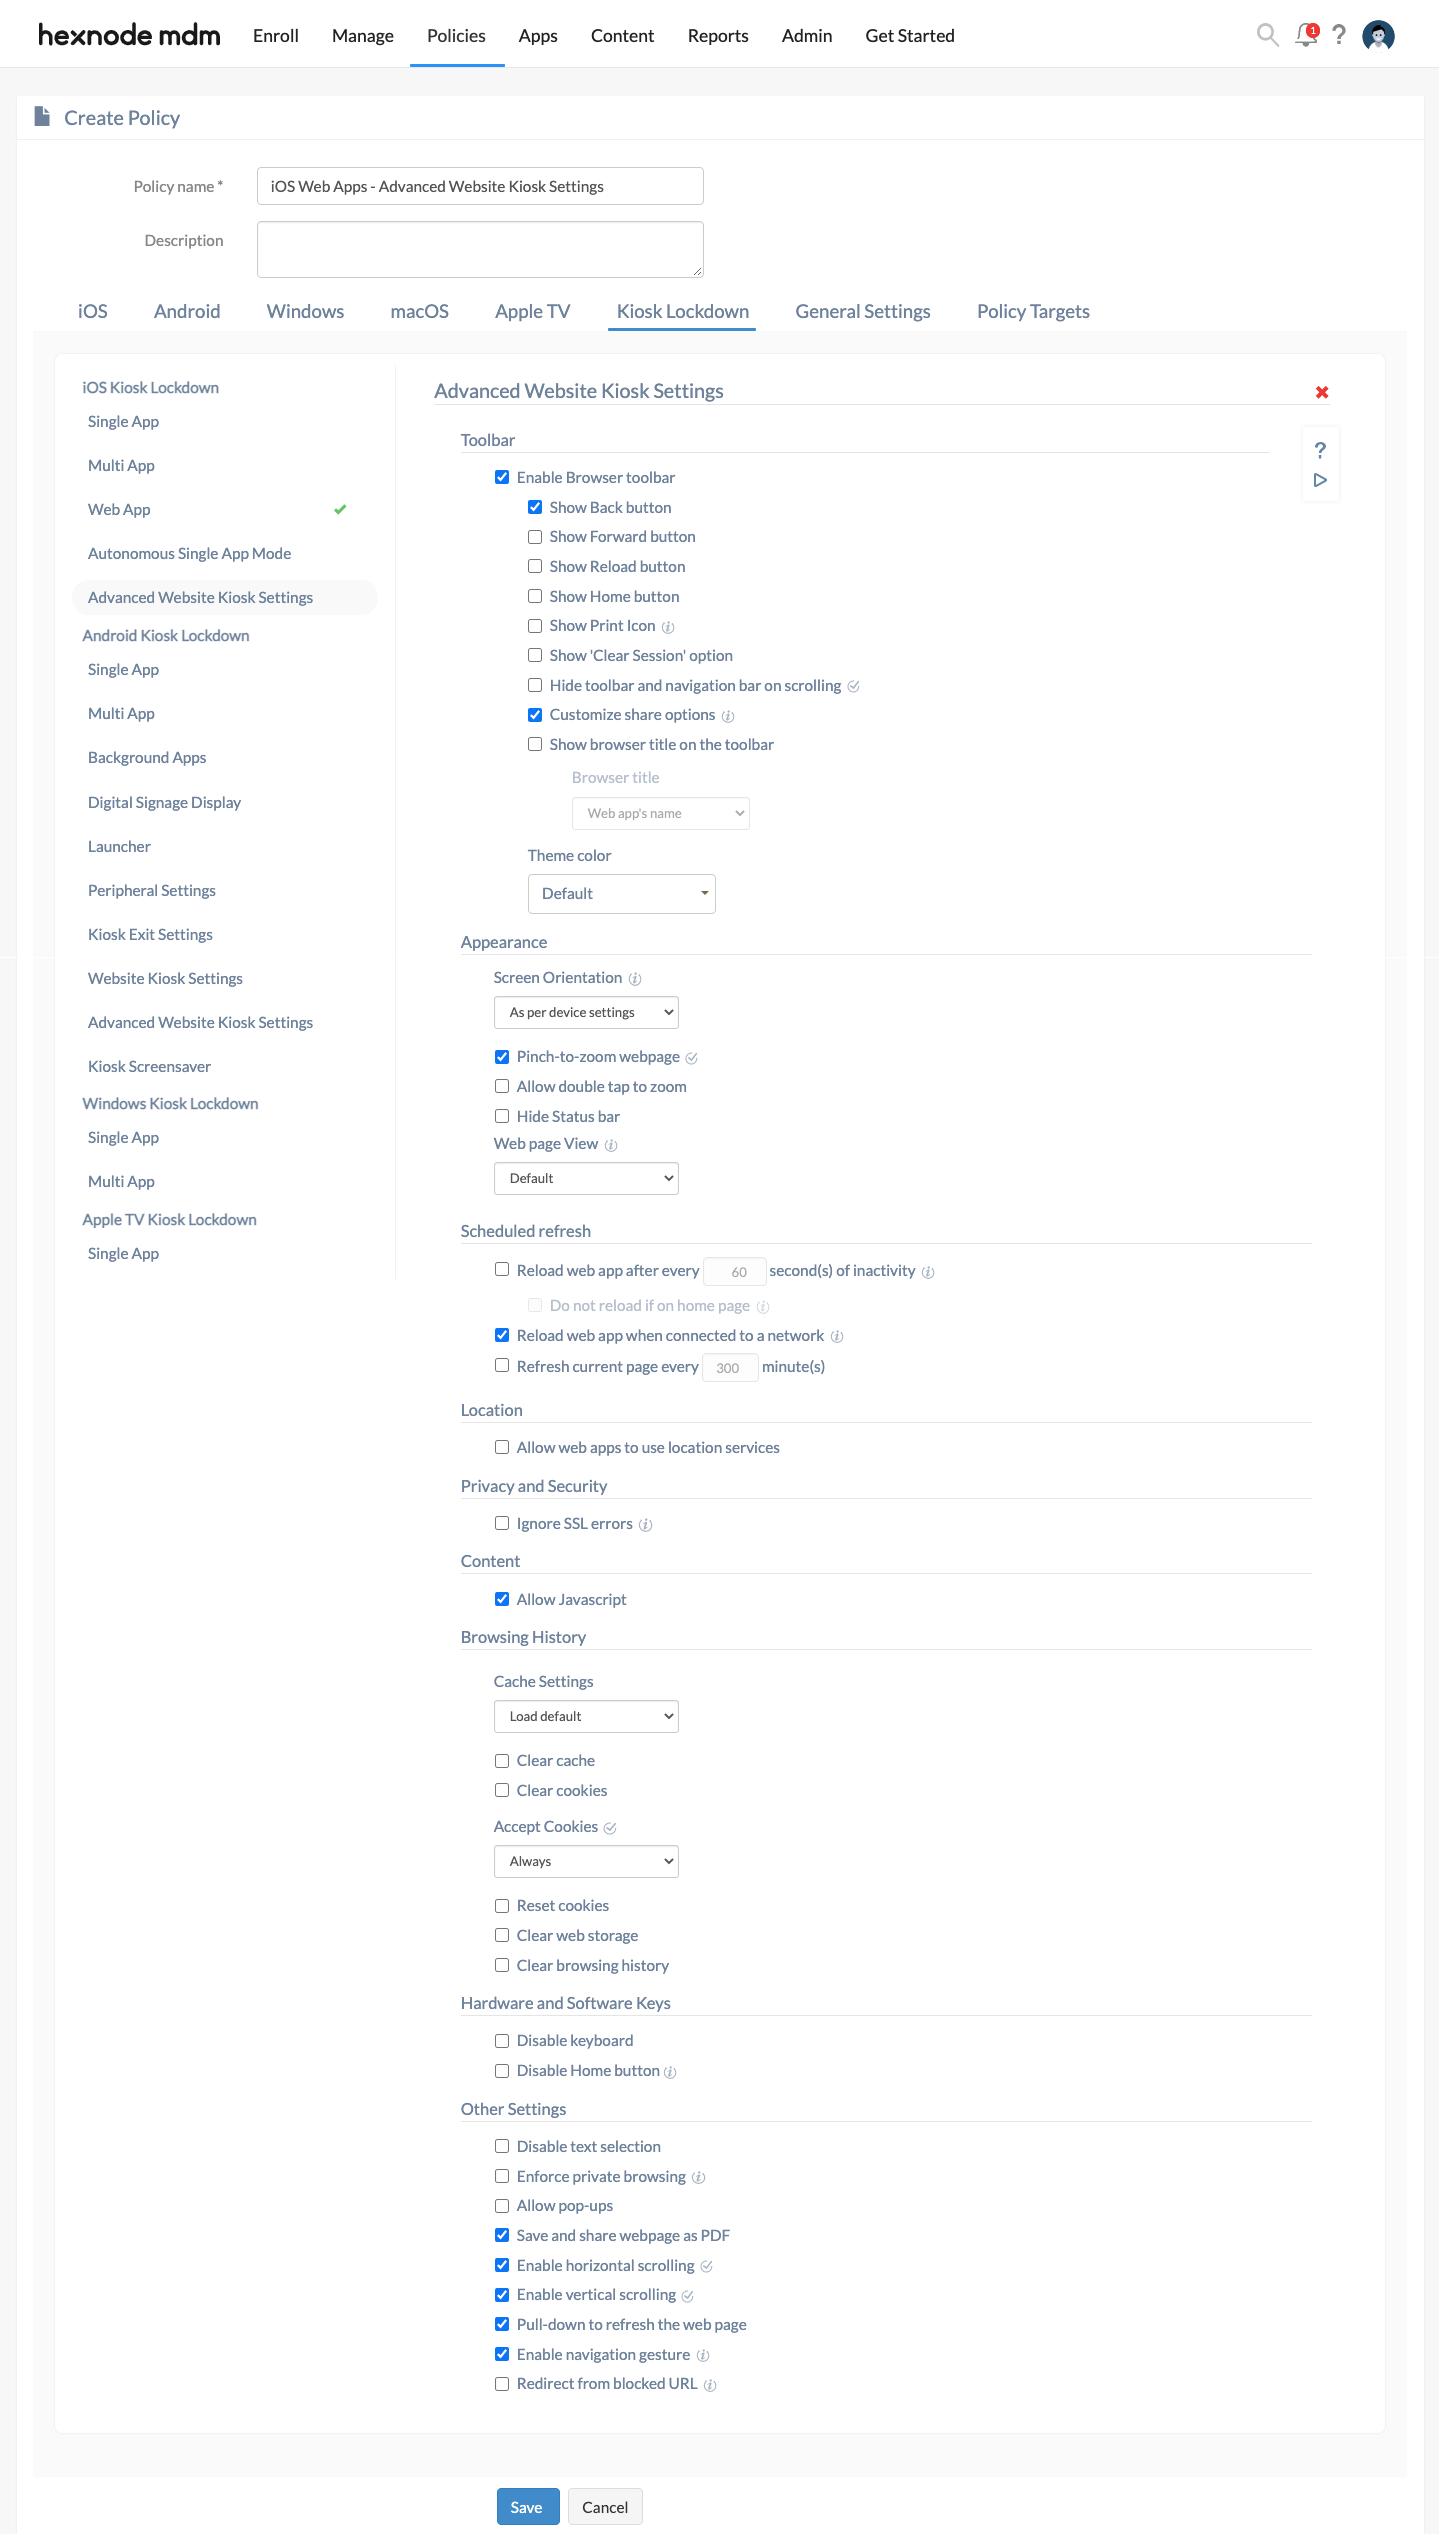 Advanced website kiosk settings for web app on iOS devices